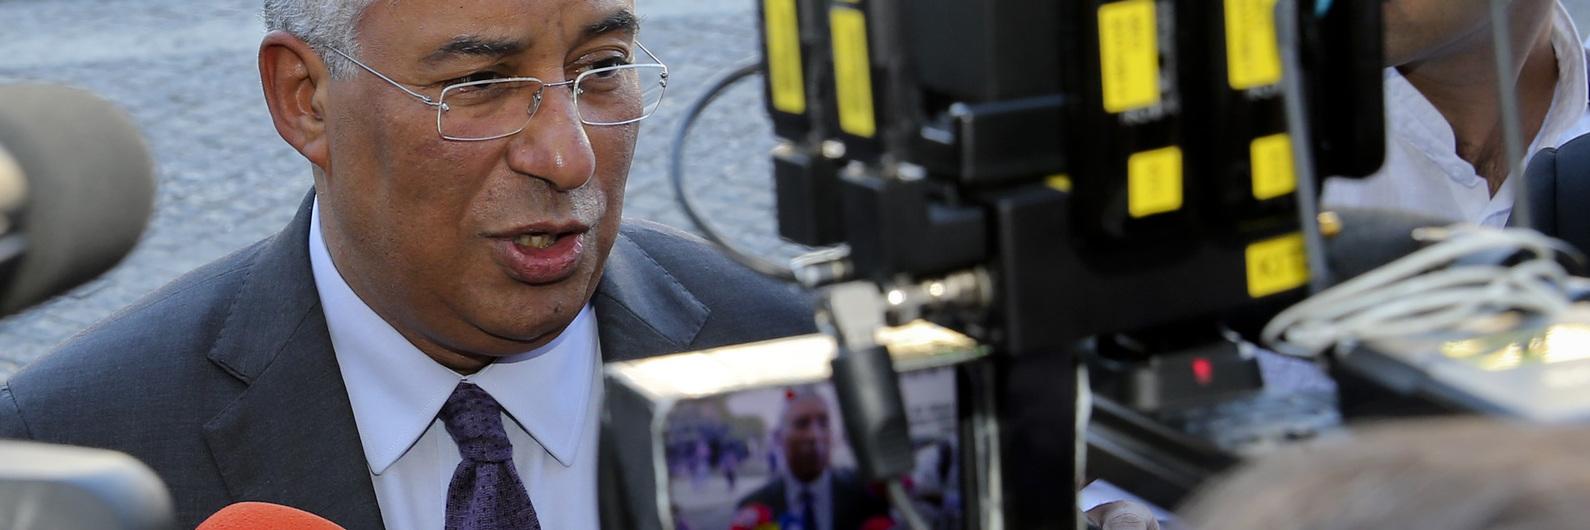 """Costa a caminho da """"tranquilidade"""" orçamental, promete 2,5% de défice à Comissão Europeia"""